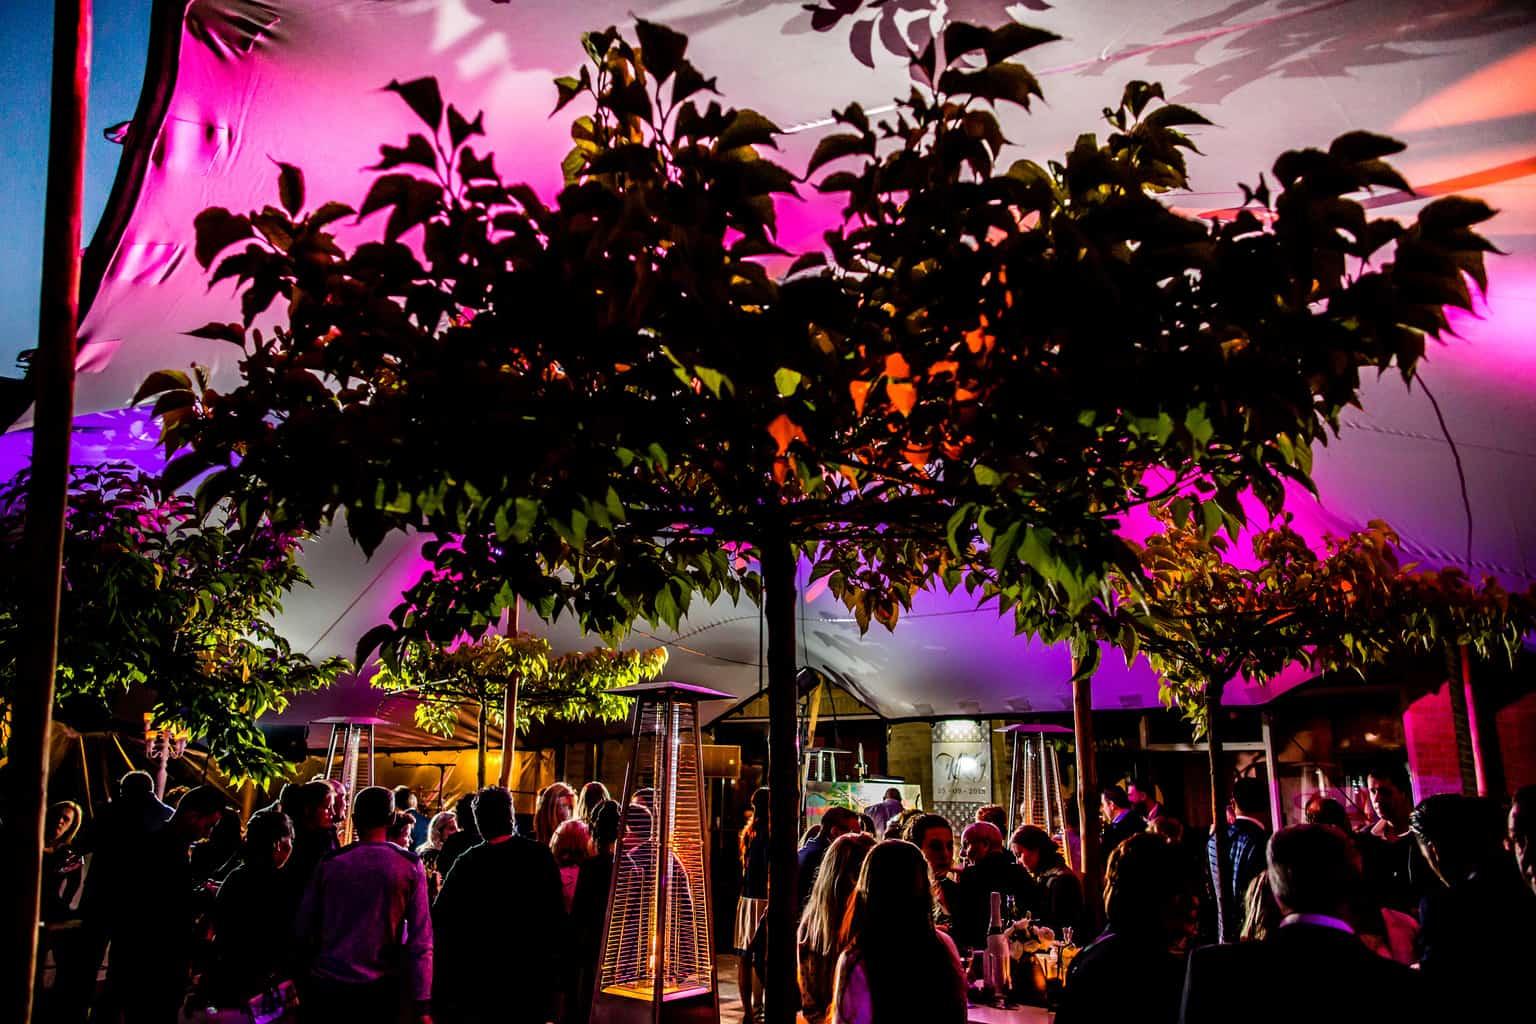 Trouwen, buiten trouwen , trouwen in Noord-Brabant, wedding en planning, Weddingplanner, fotocredits Eppel Fotografie